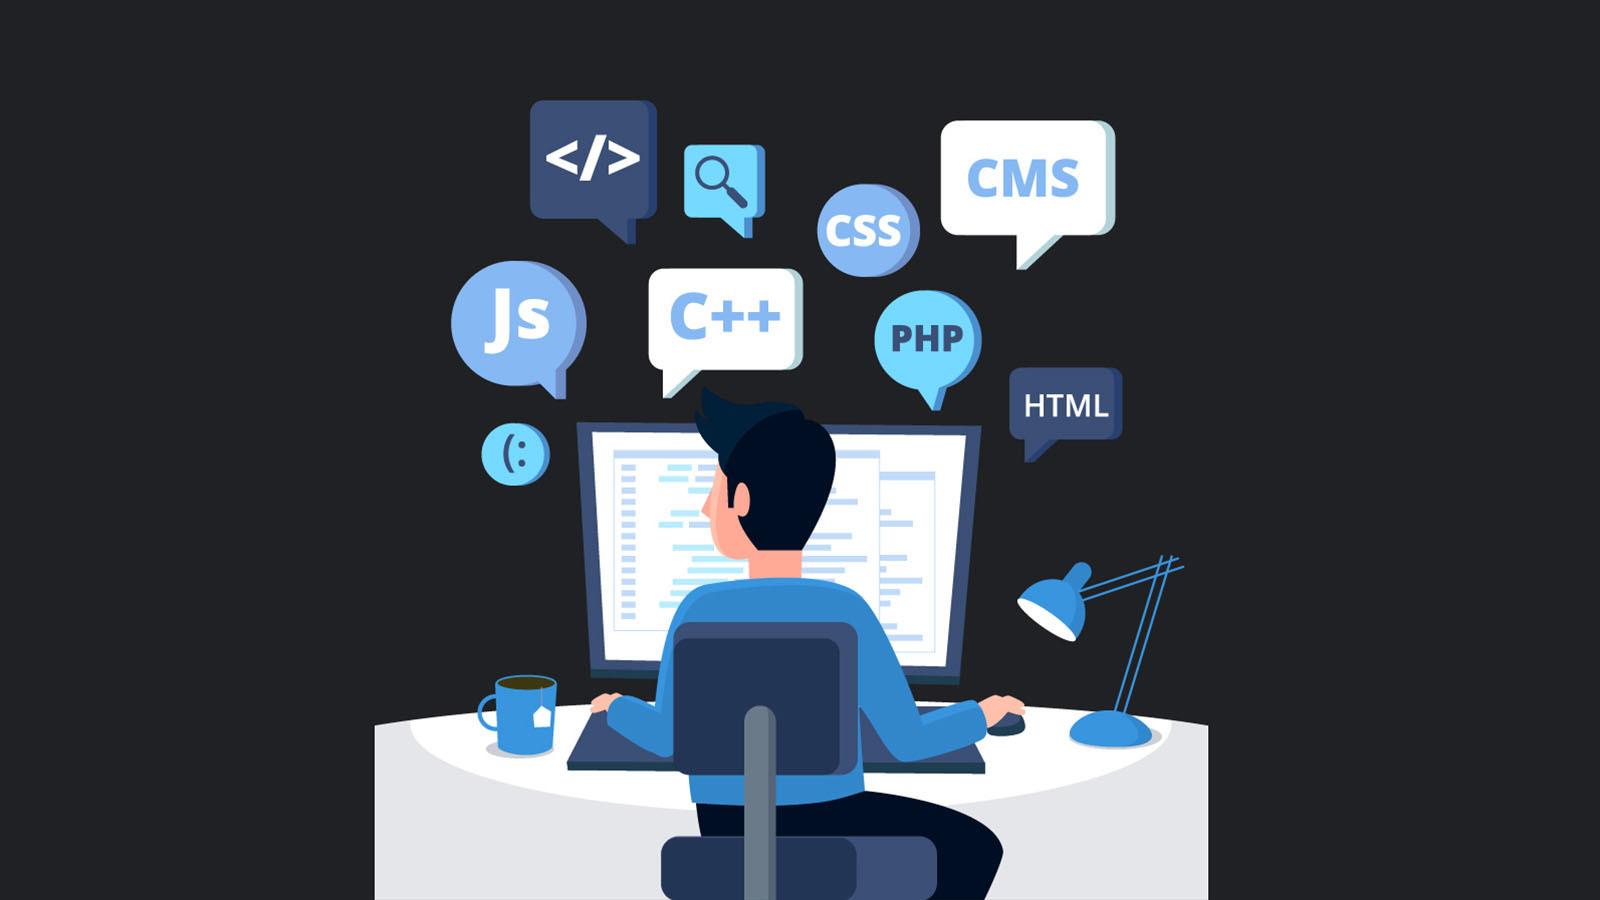 как найти работу девушке программисту